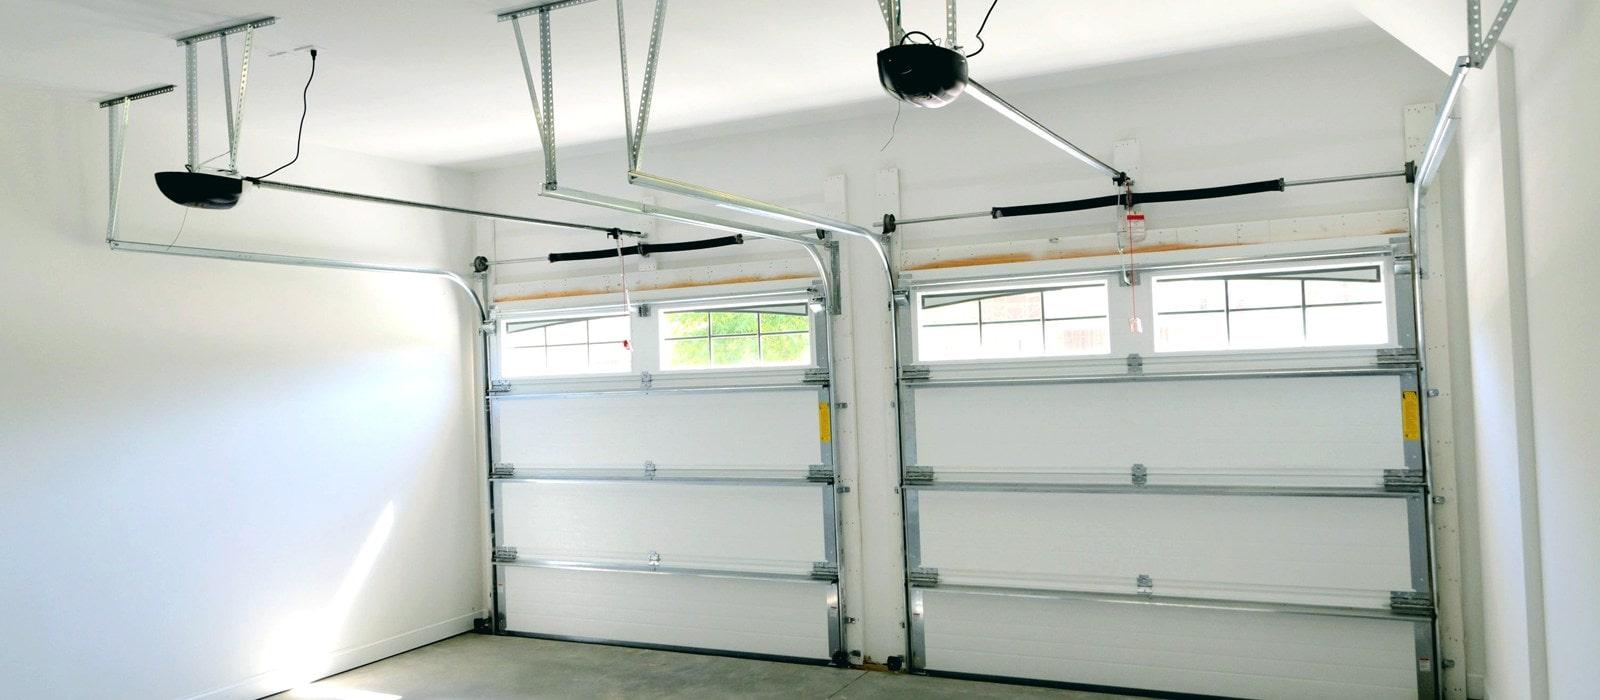 24h  Garage Door Repair Service In La  Certified Technician